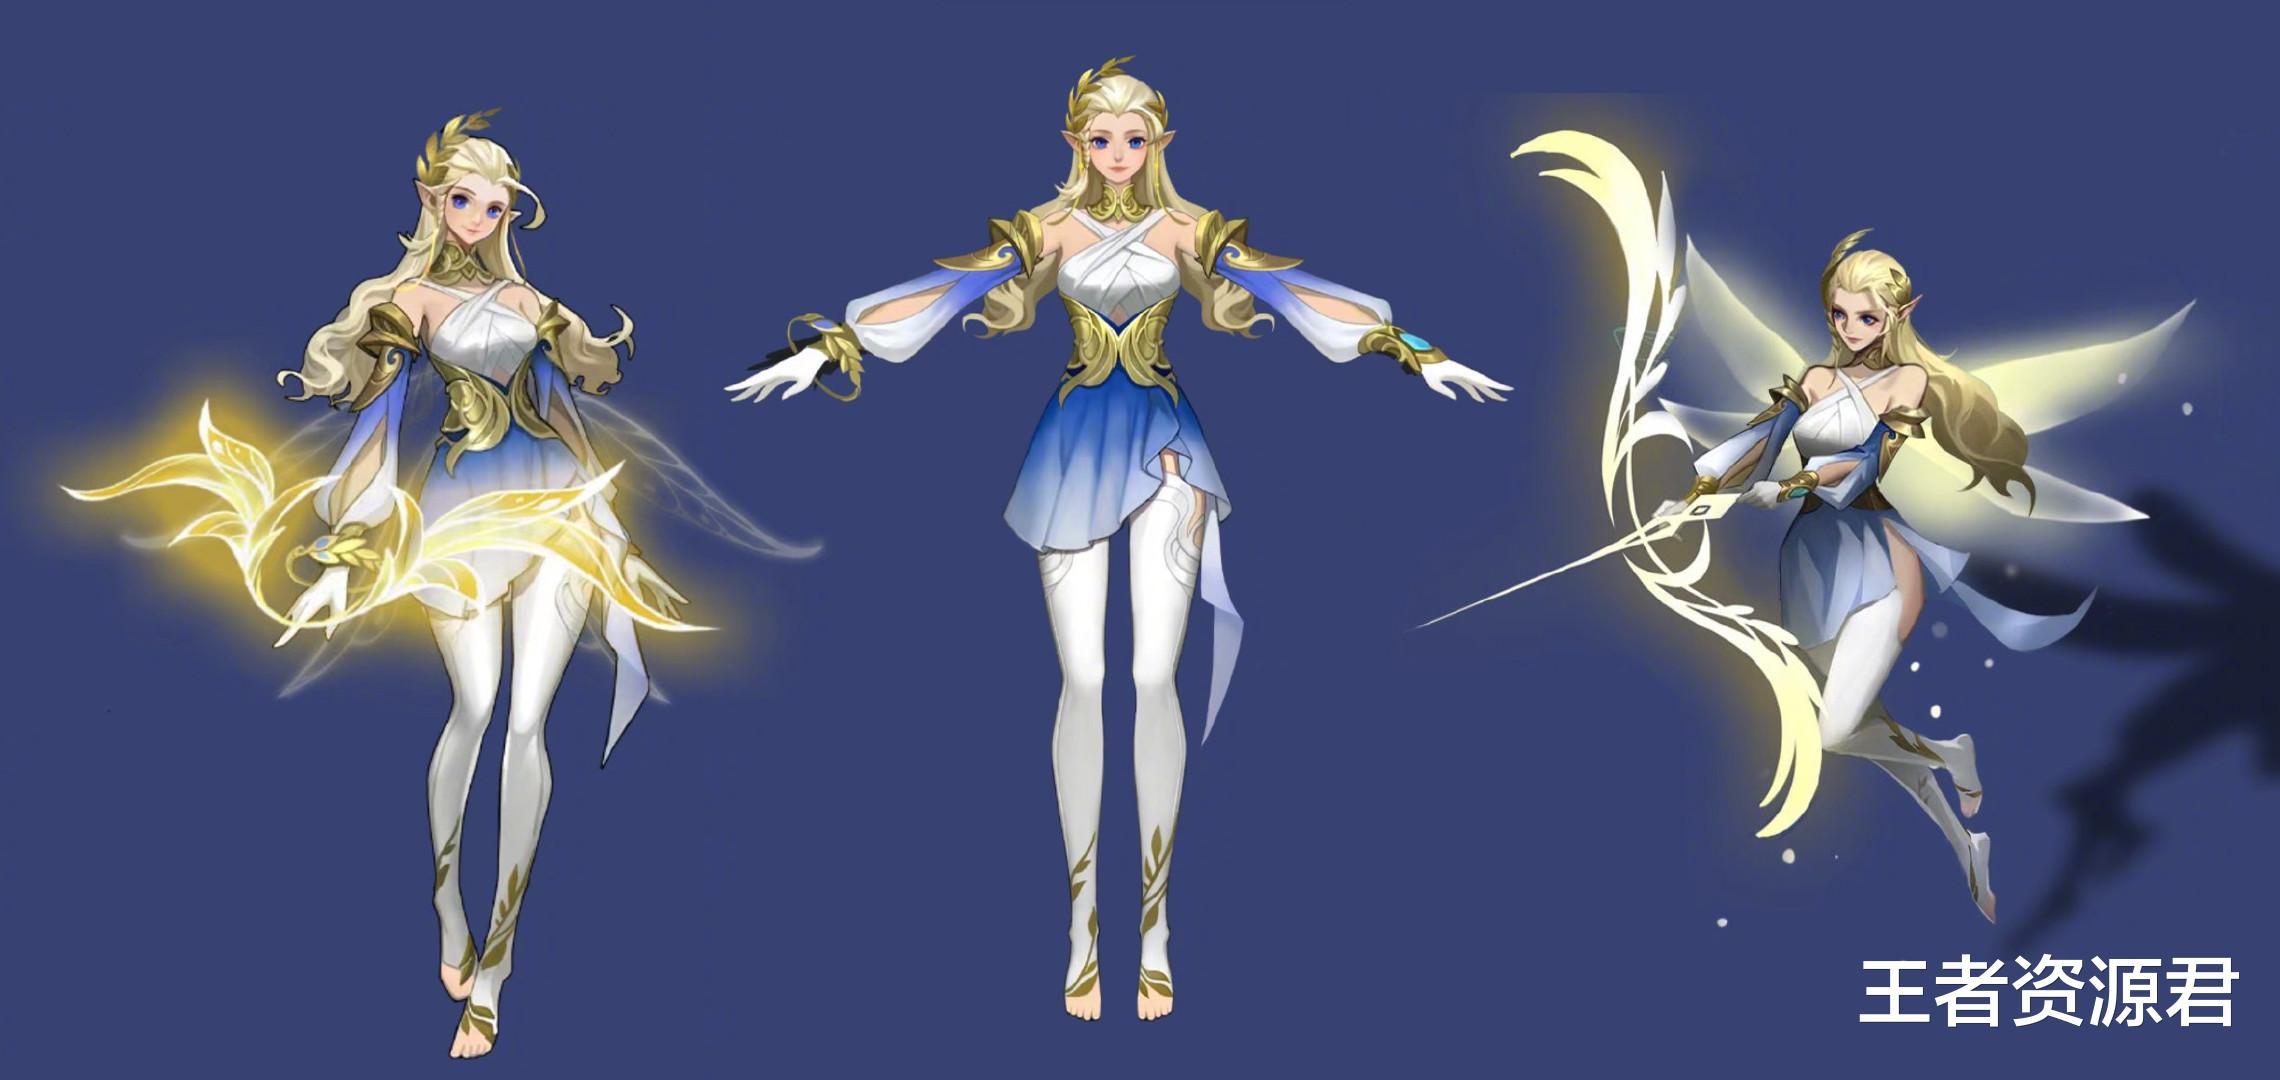 《【煜星代理注册】S22更新时间最终确定,艾琳下架,女武神或将绝版》